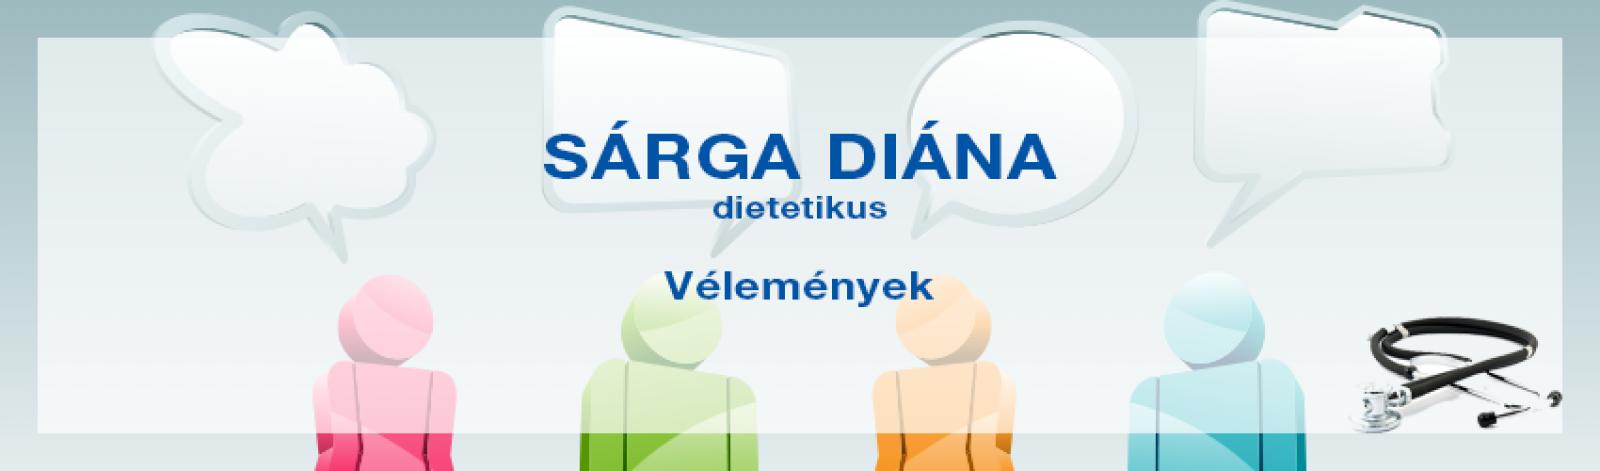 Vélemények Sárga Diána dietetikusról